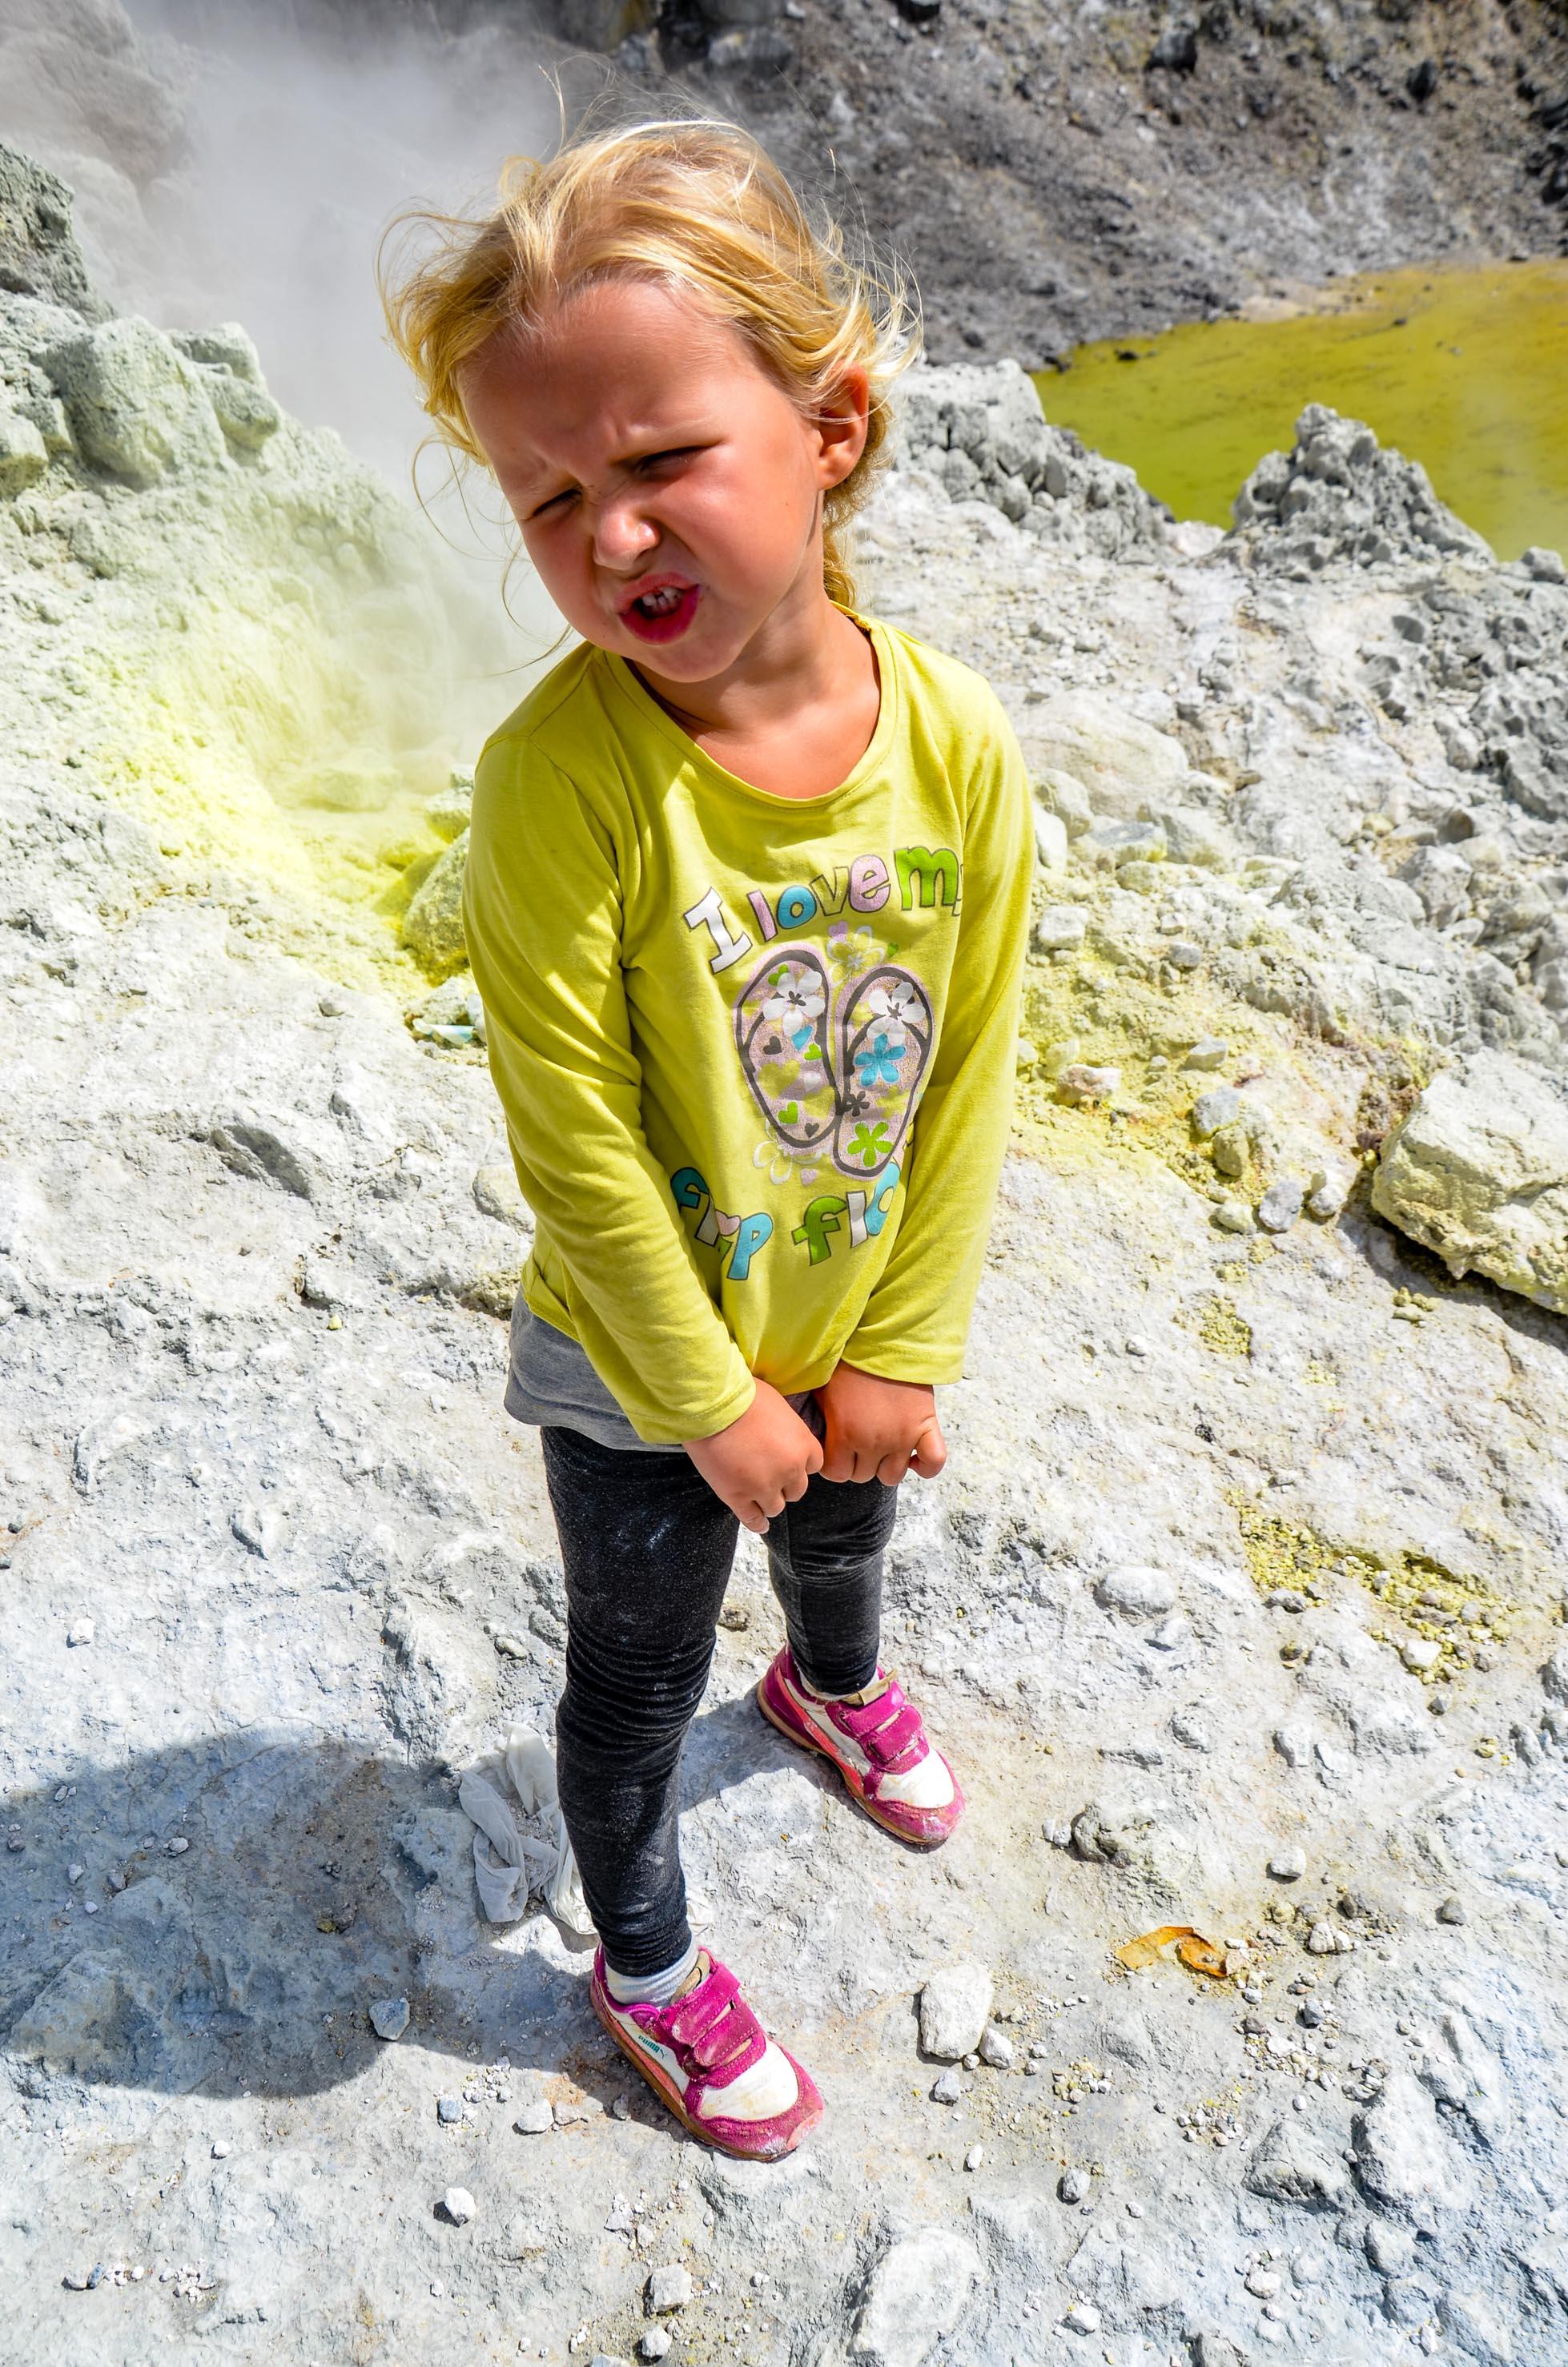 Zapach siarki wywoływał kwaśne miny. Sibayak, Indonezja.